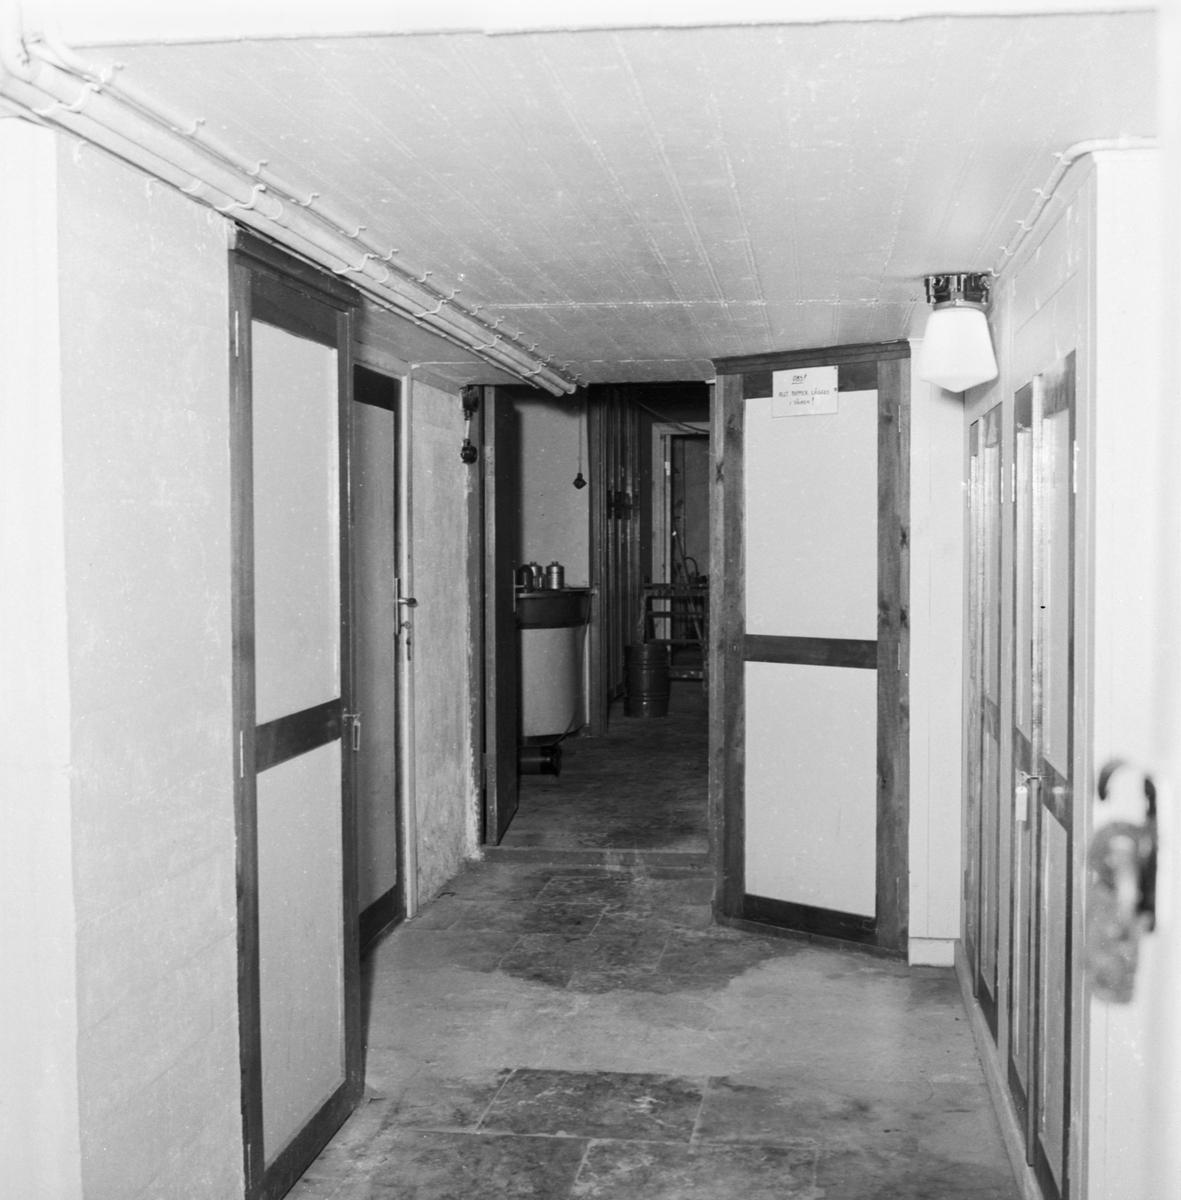 Övrigt: Foto datum: 12/7 1957 Byggnader och kranar Lab ändringsarbeten i källaren. Närmast identisk bild: V13854, ej skannad